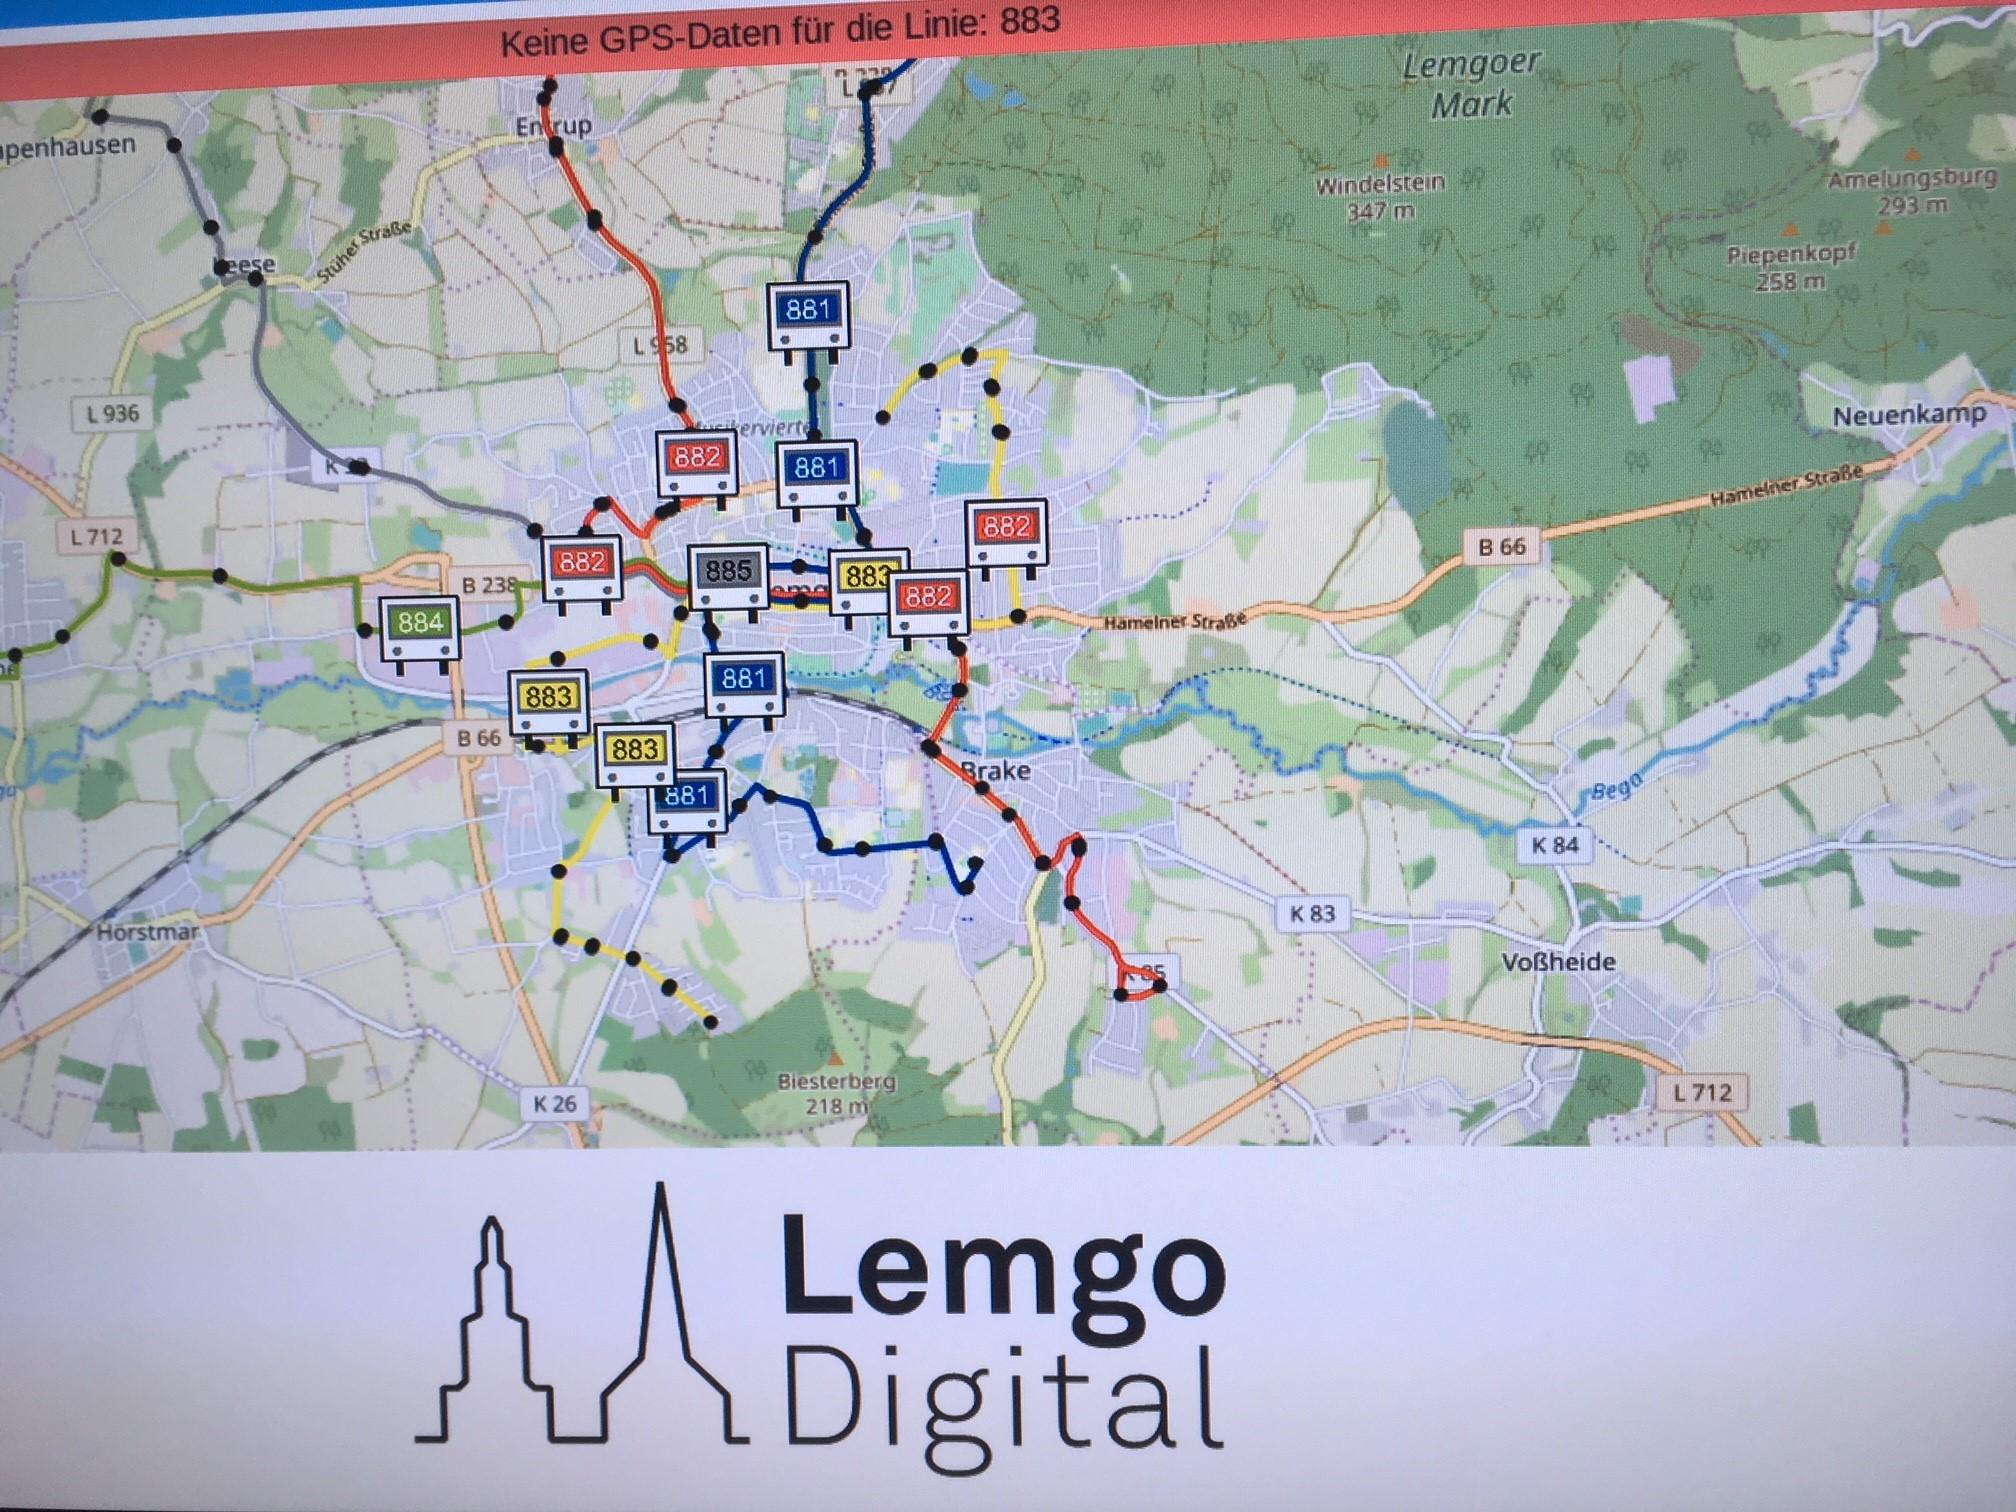 Übersichtskarte über die Buslinien in Lemgo und ihren aktuellen Standort